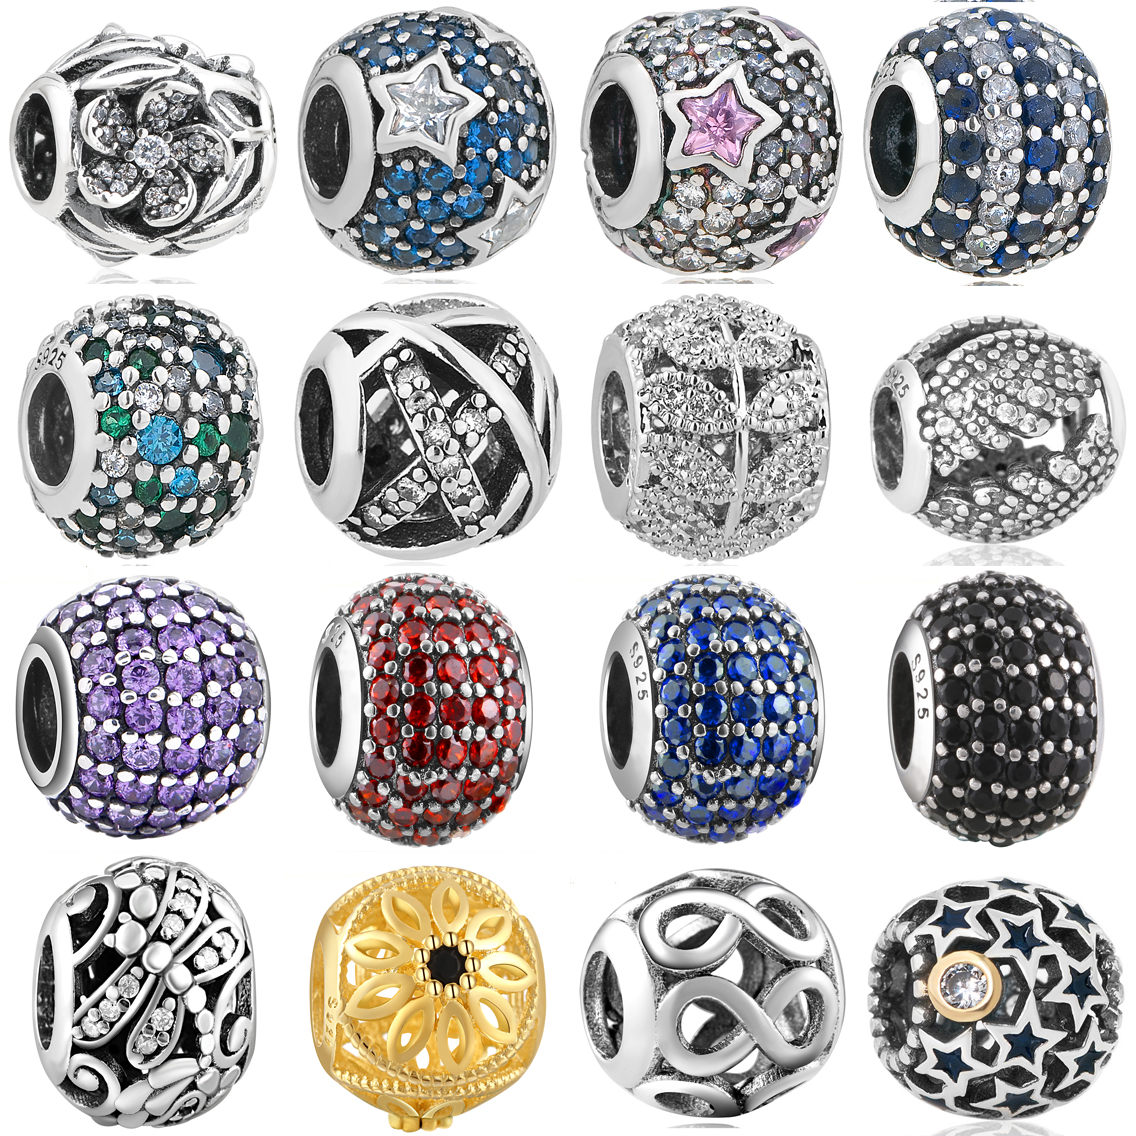 nxehtë 925 argjendë kub të kuqe evropiane kub Beads Beat Fit Pandora Style byzylyk varëse varëse varëse gjerdan DIY bizhuteri origjinalet